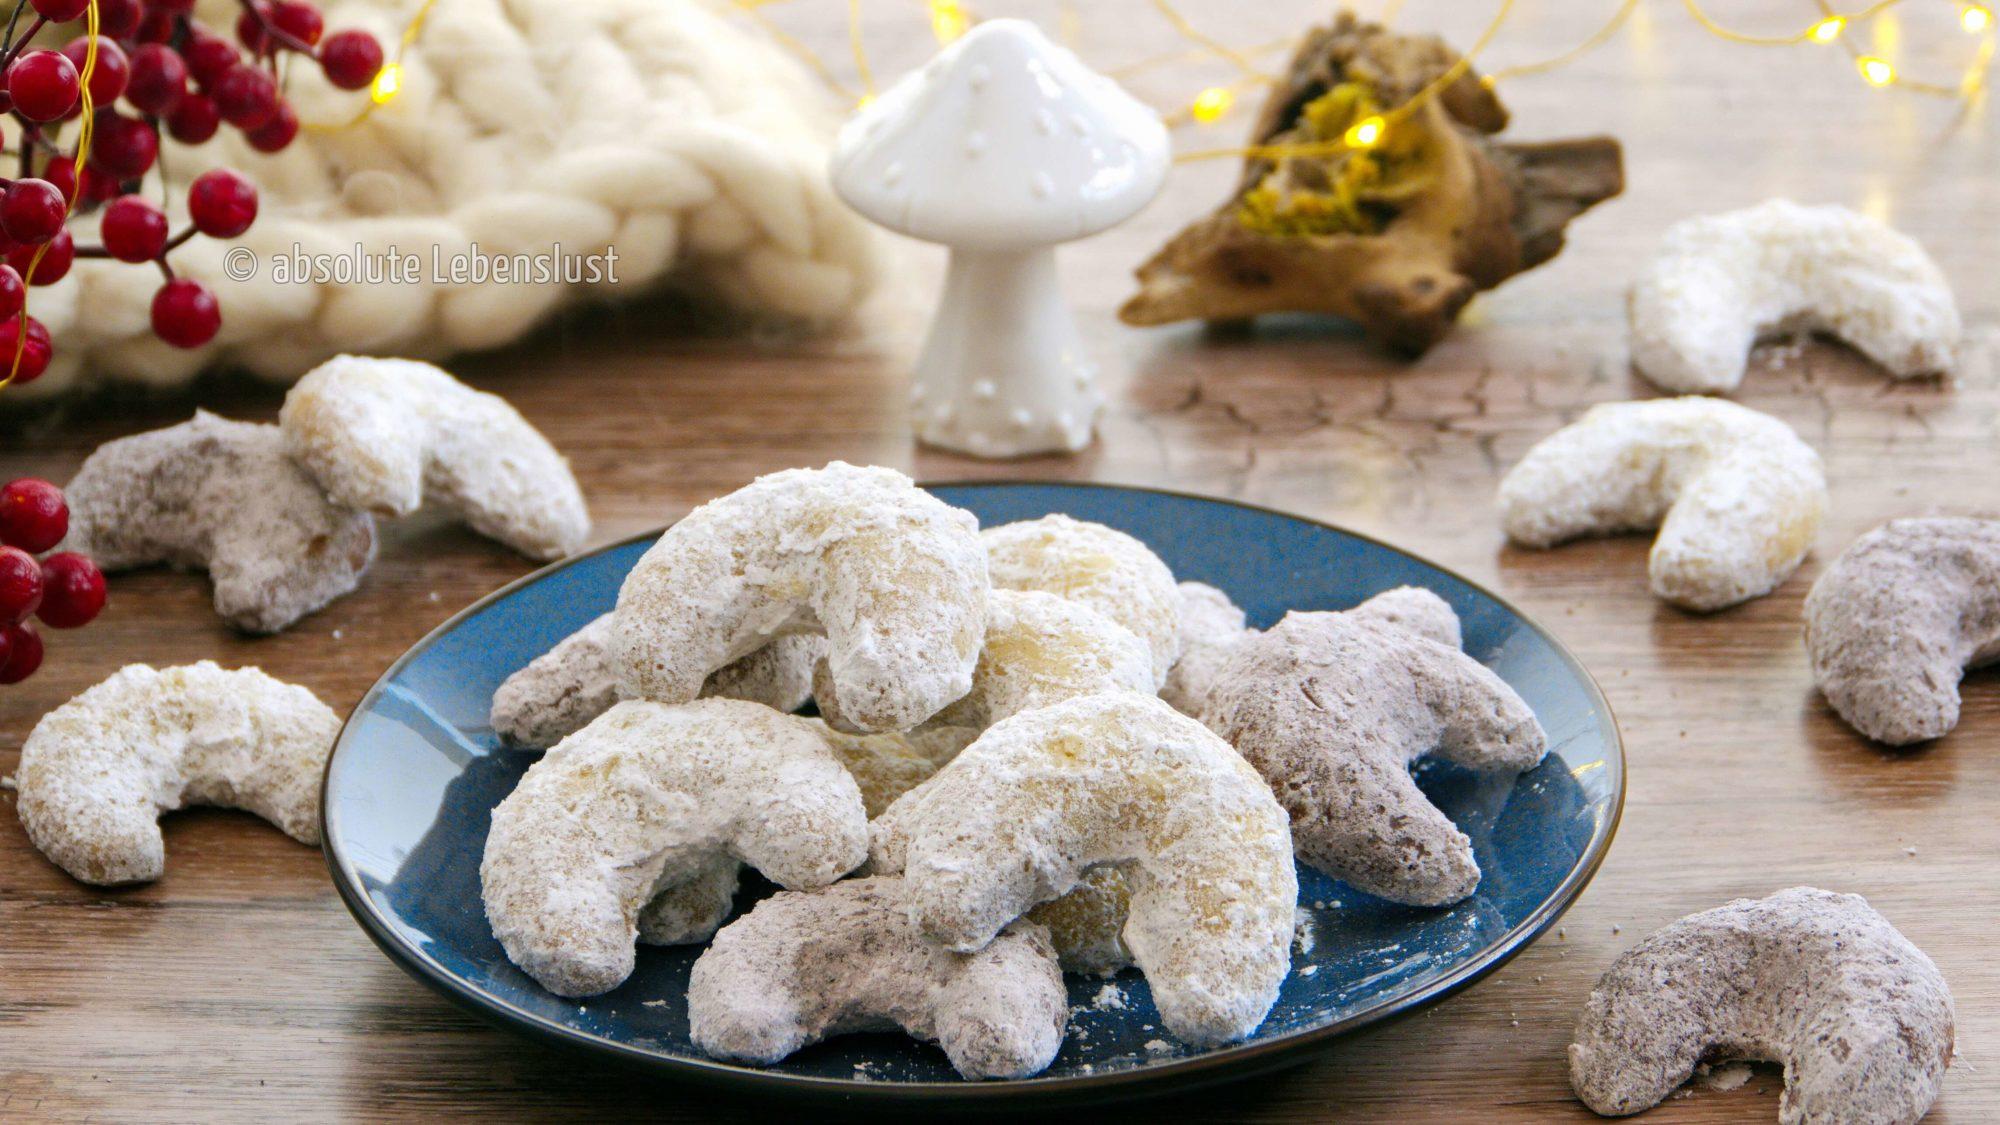 vanillekipferl, rezept, backen, selber backen, selber machen, einfach, schokokipferl, vanille und schokokipferl